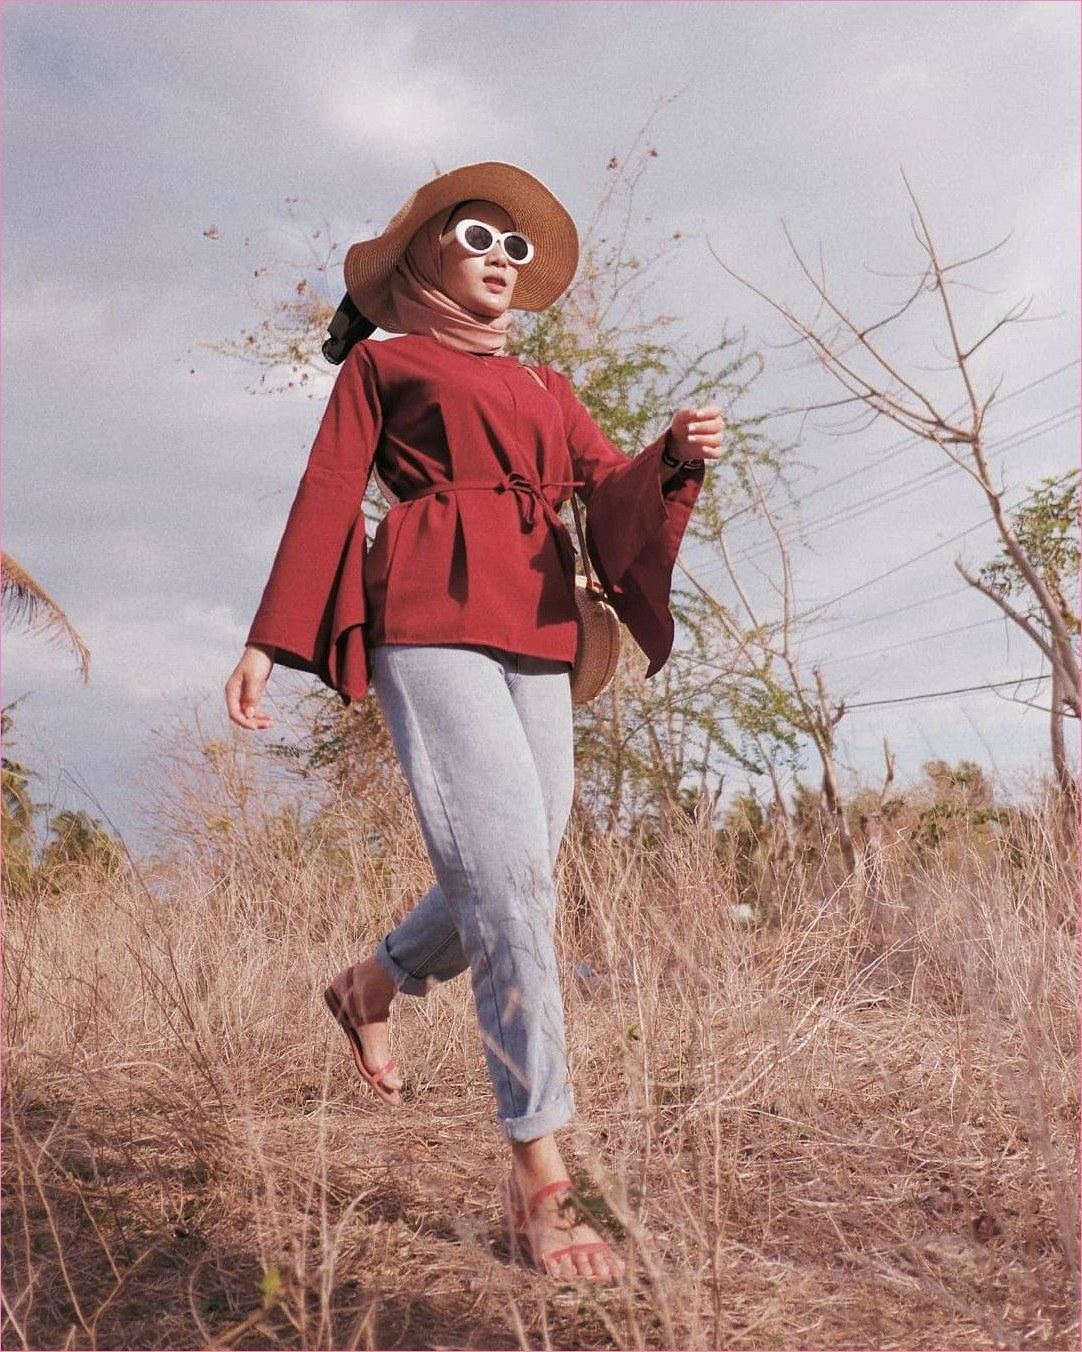 Design Ootd Baju Lebaran Remaja 2020 Tqd3 Pin Di Outfit Baju Remaja Berhijab Ala Selebgram 2018